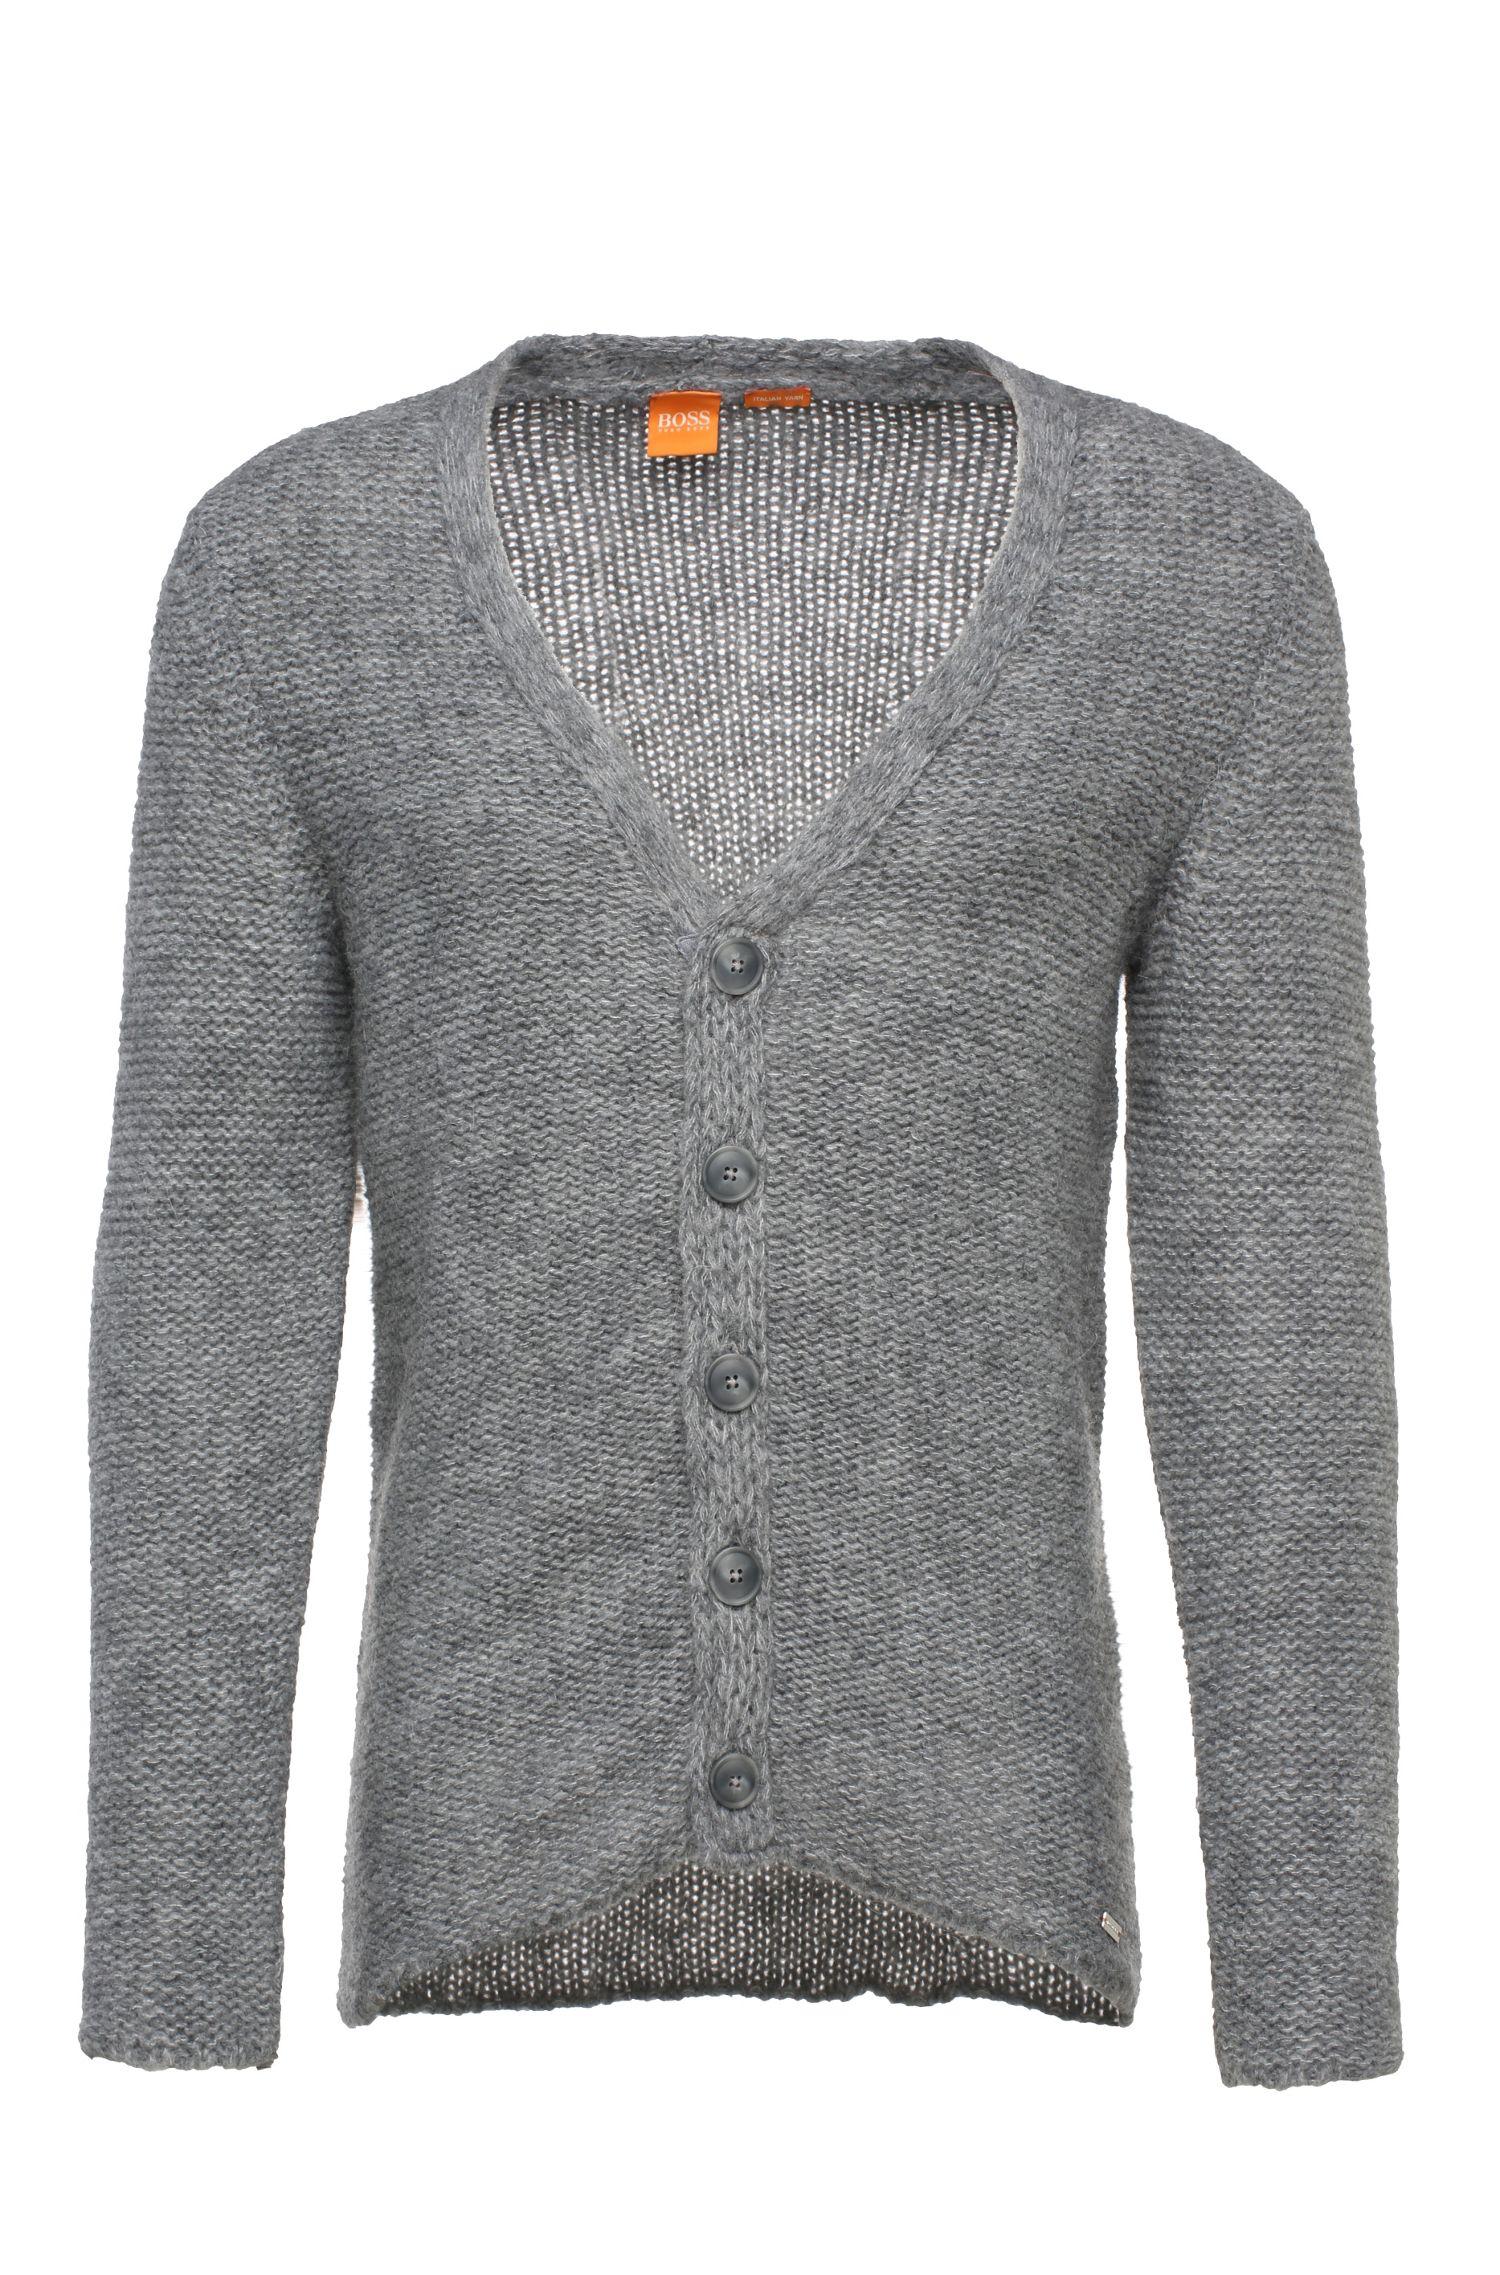 Cardigan en maille en mélange de matières, avec de l'alpaga et de la laine vierge: «Kwaytwo»